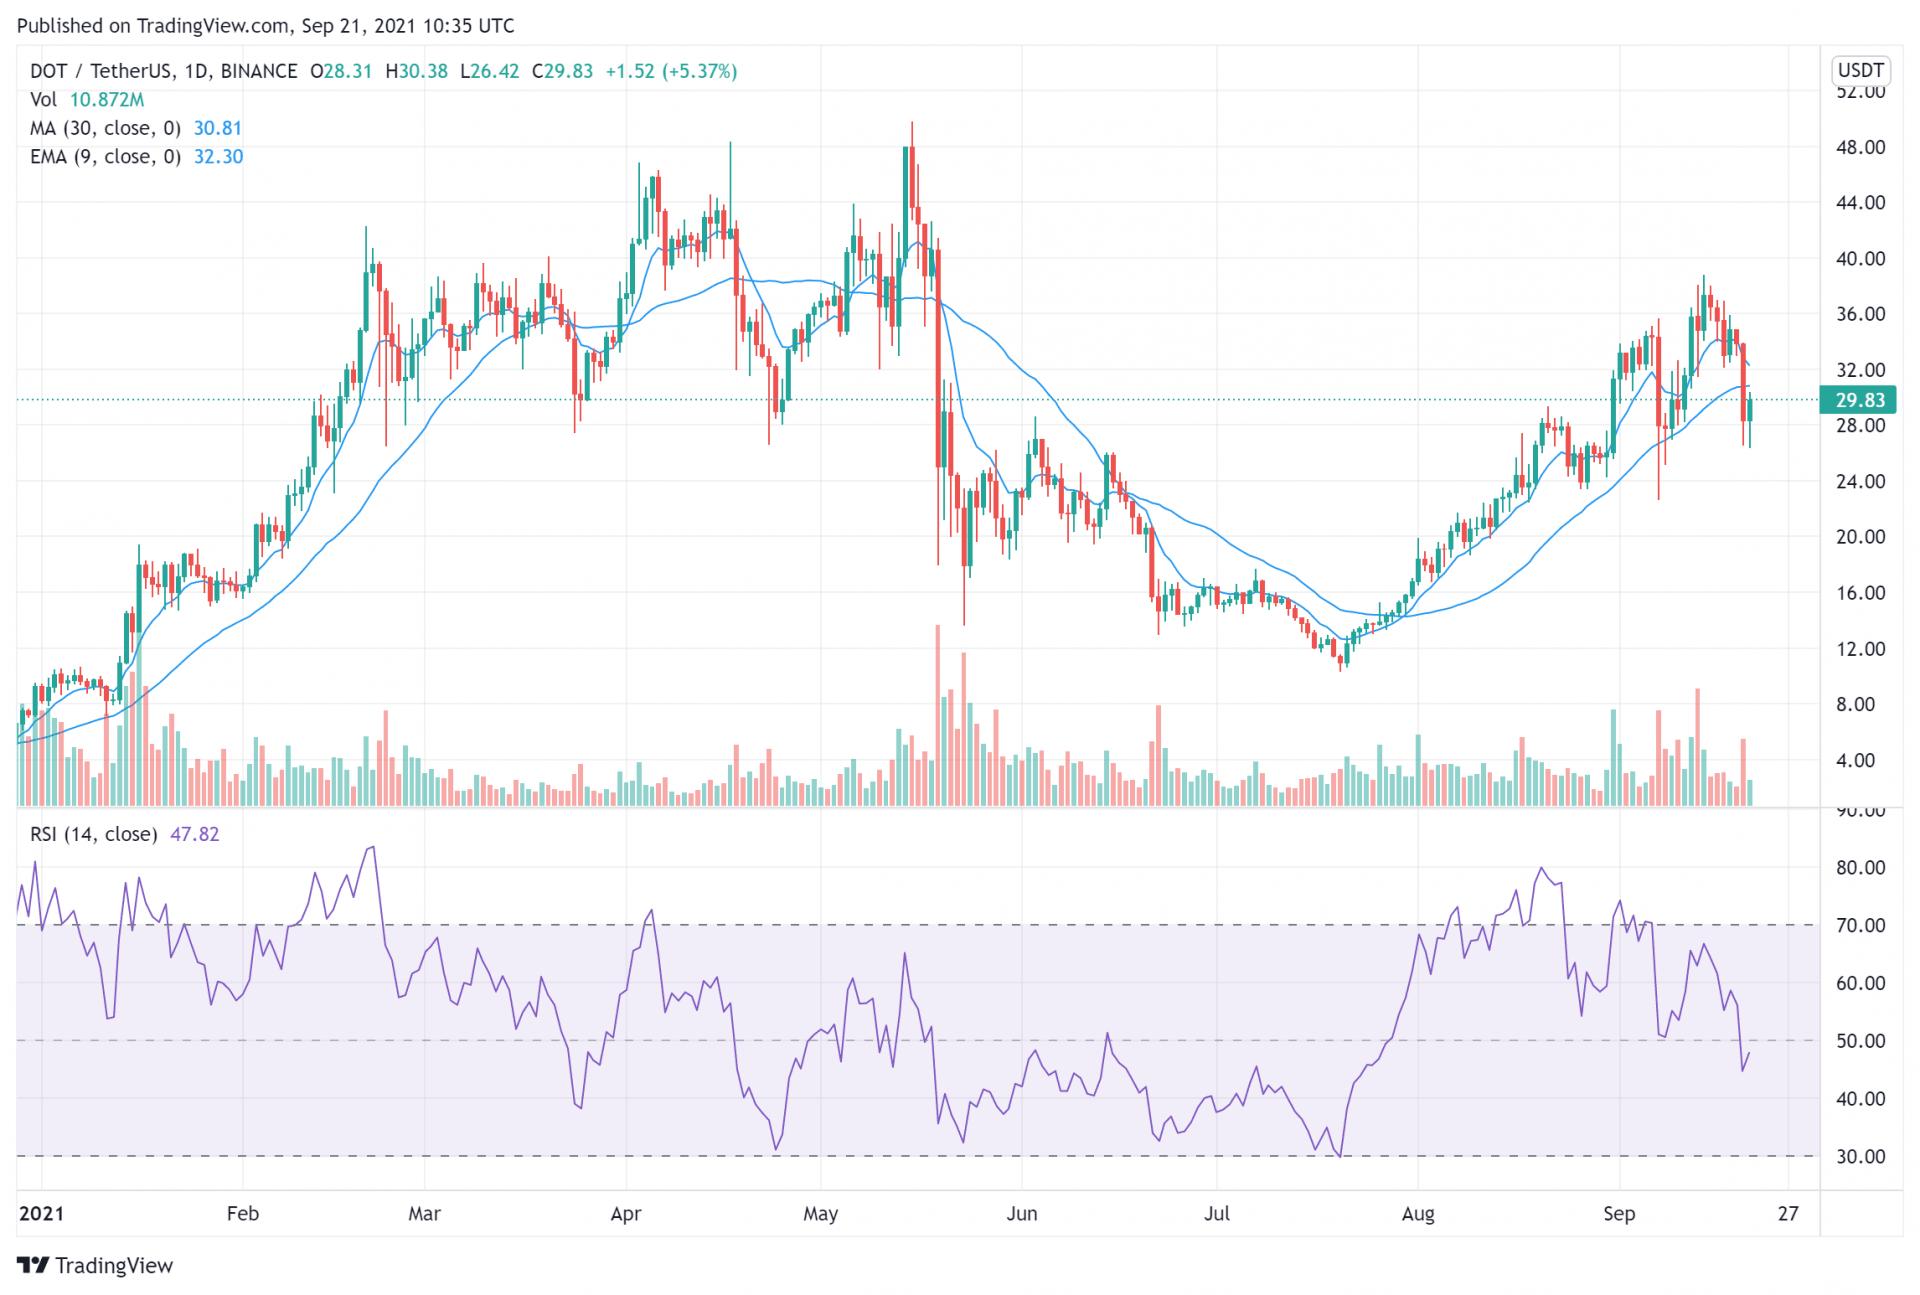 DOT price chart September 21